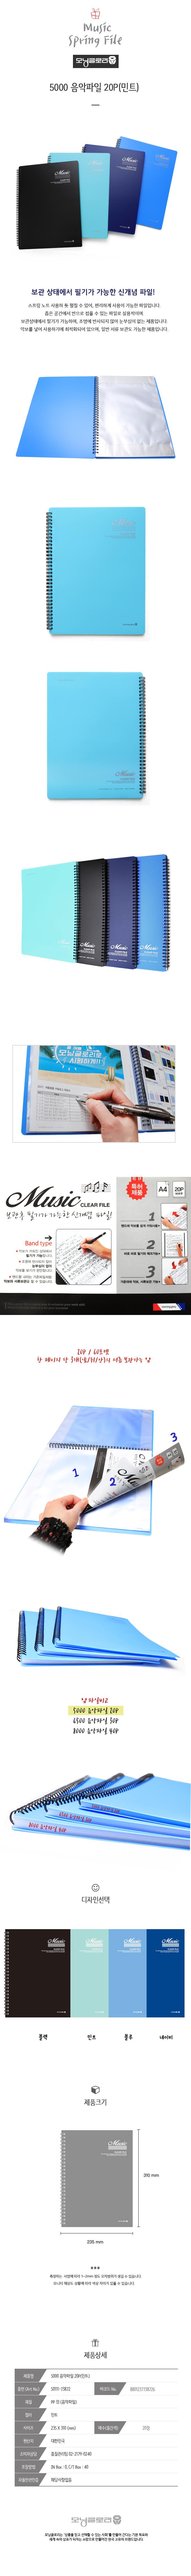 5000 음악파일 20P(민트) 클리어파일 - 모닝글로리, 4,000원, 클리어화일, 클리어화일